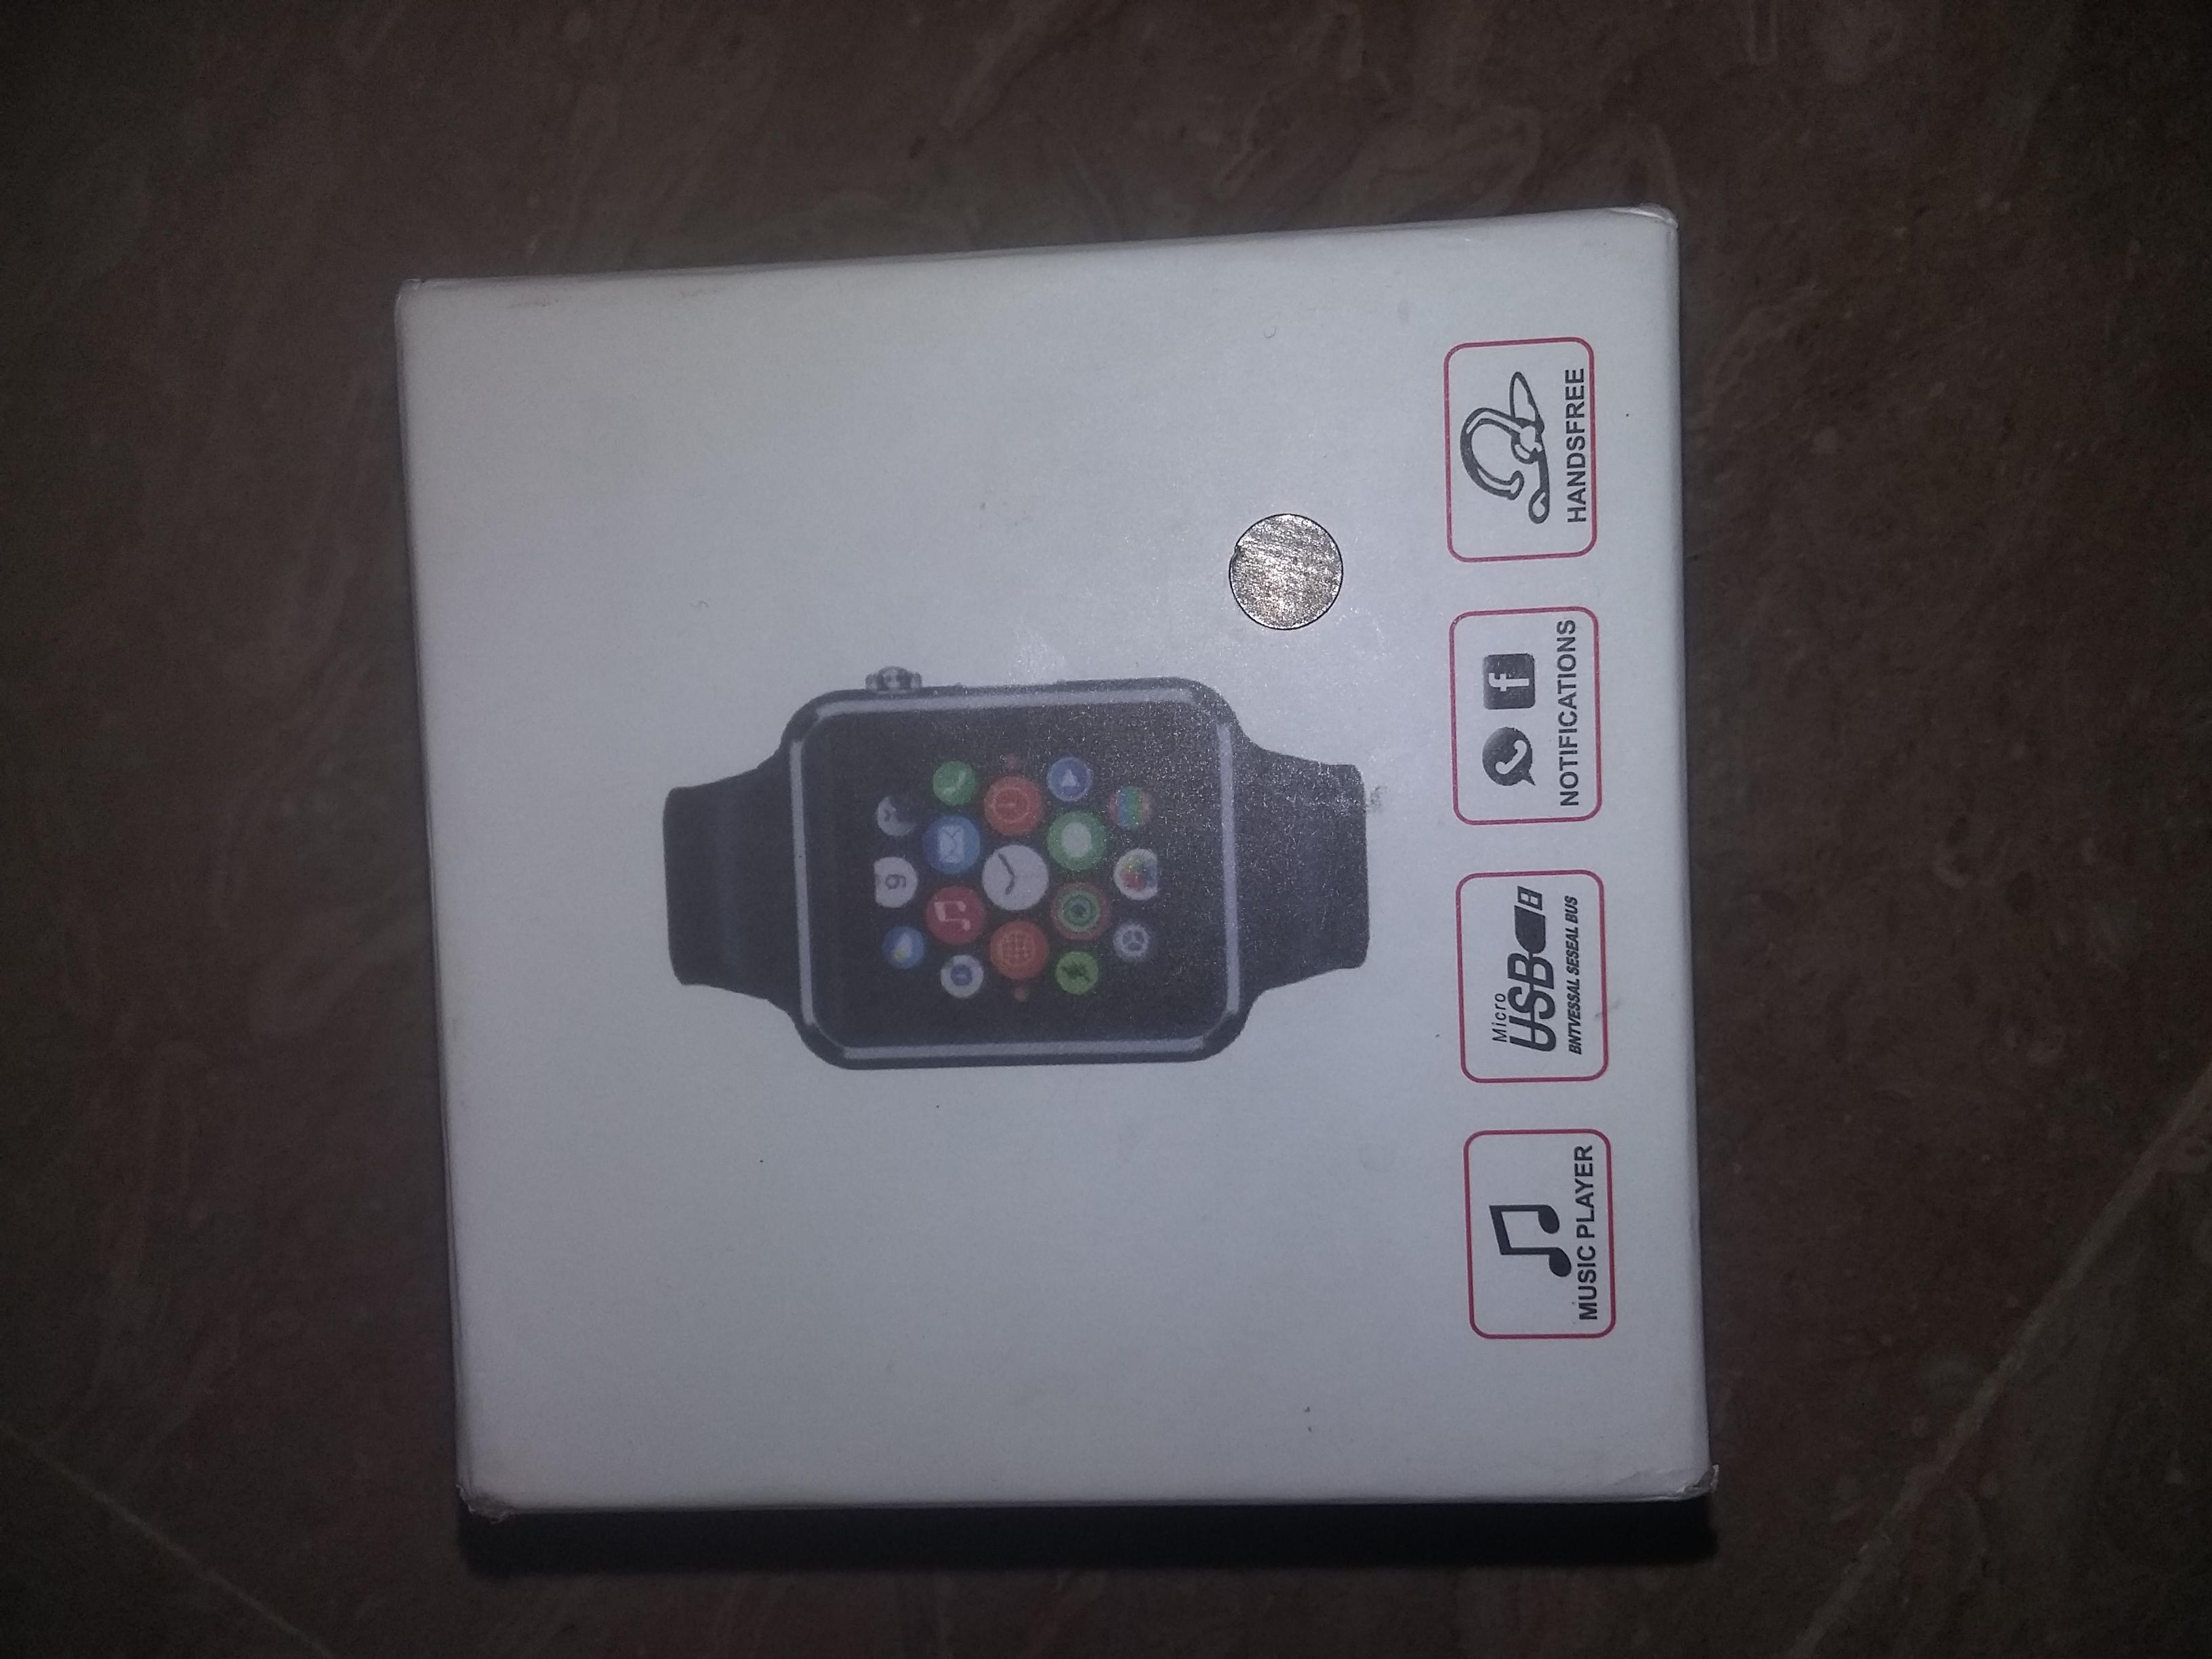 W08 smart watch